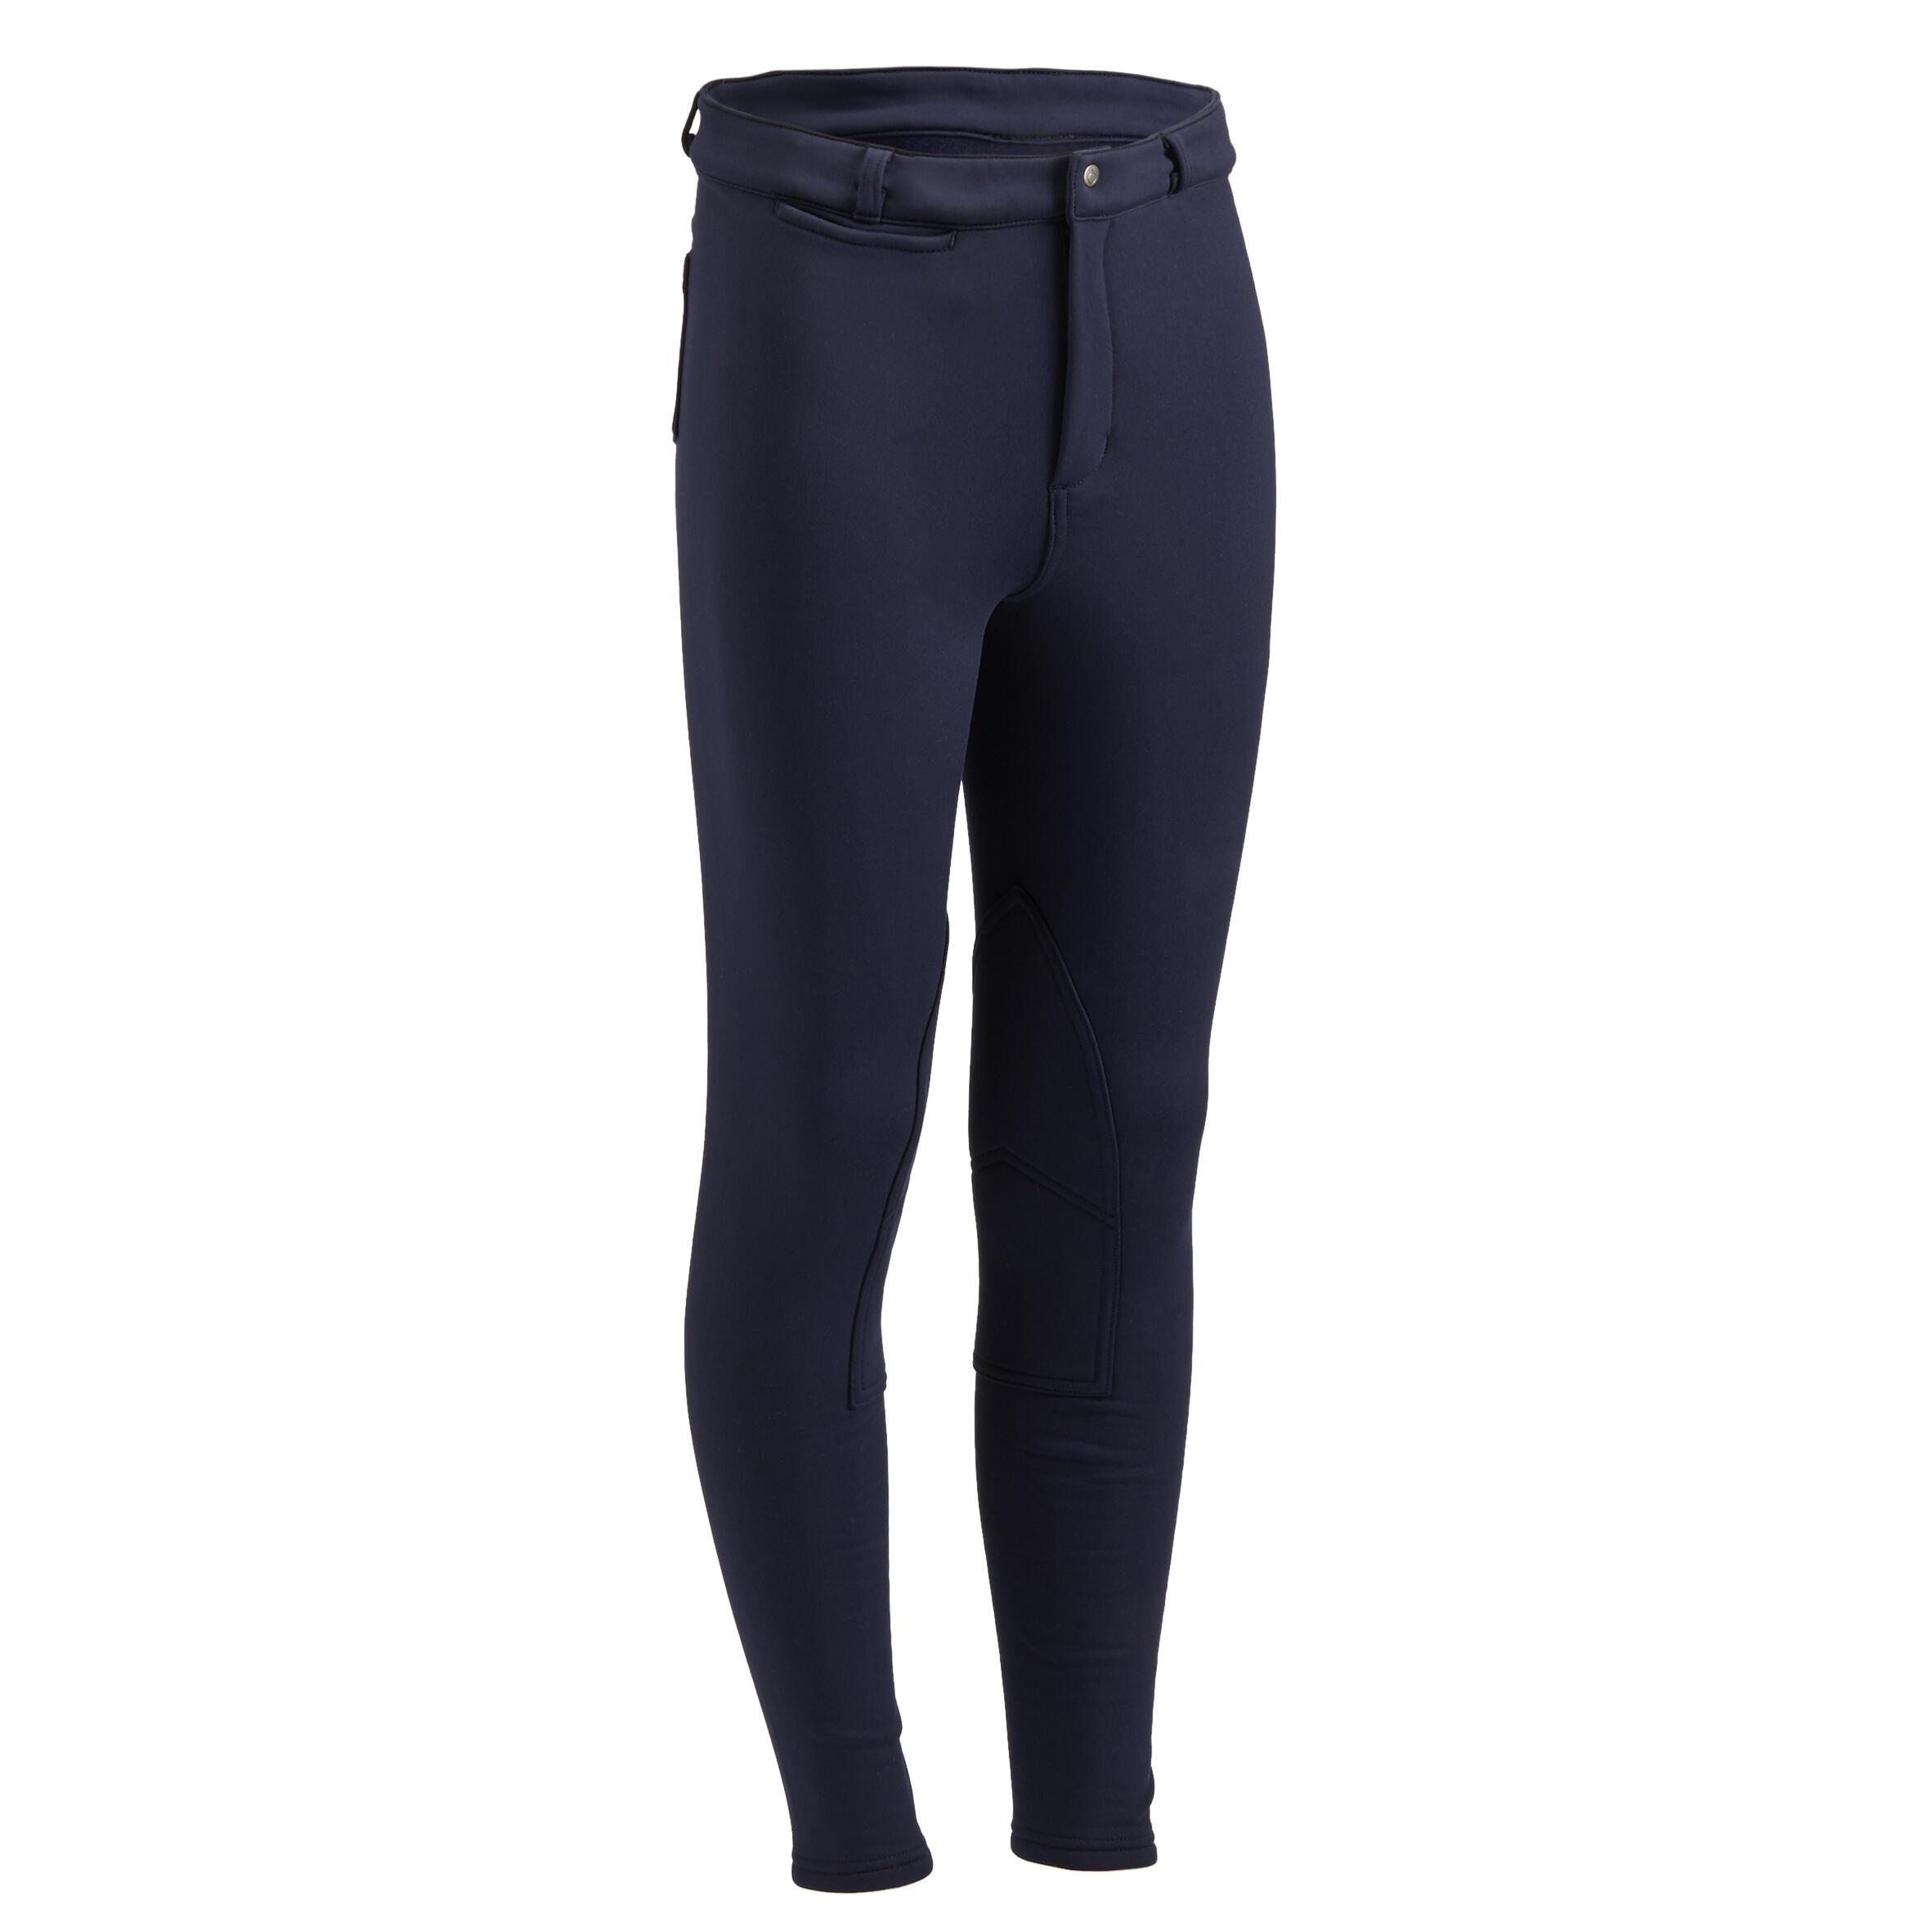 Pantalon călduros 100WARM maro